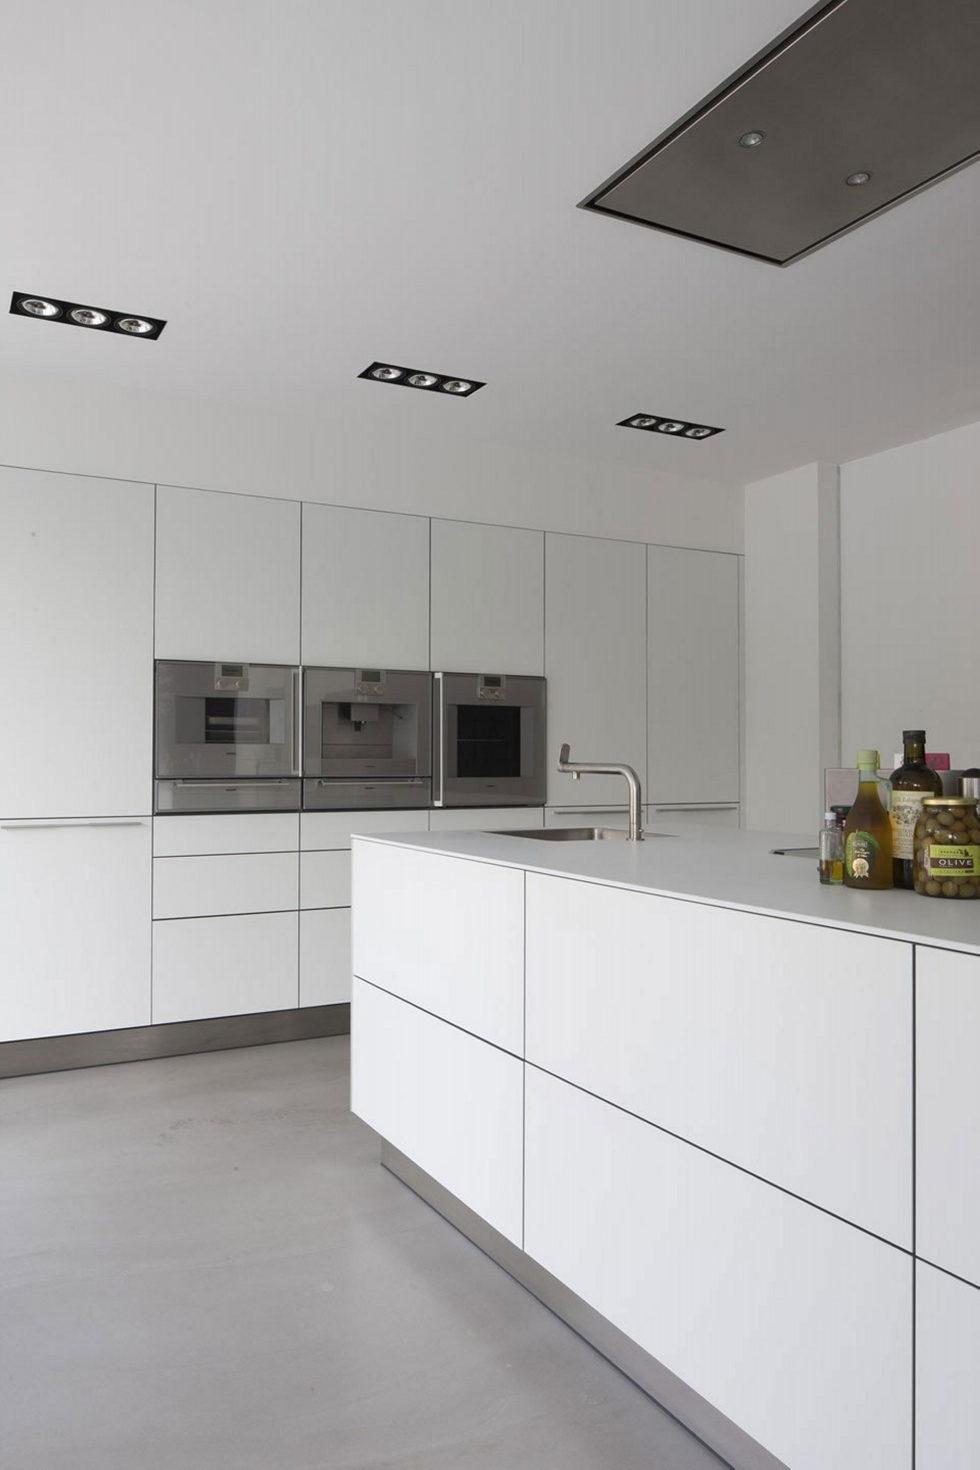 Spee Haelen Minimalism-Style Villa From Lab32 architecten Studio 21